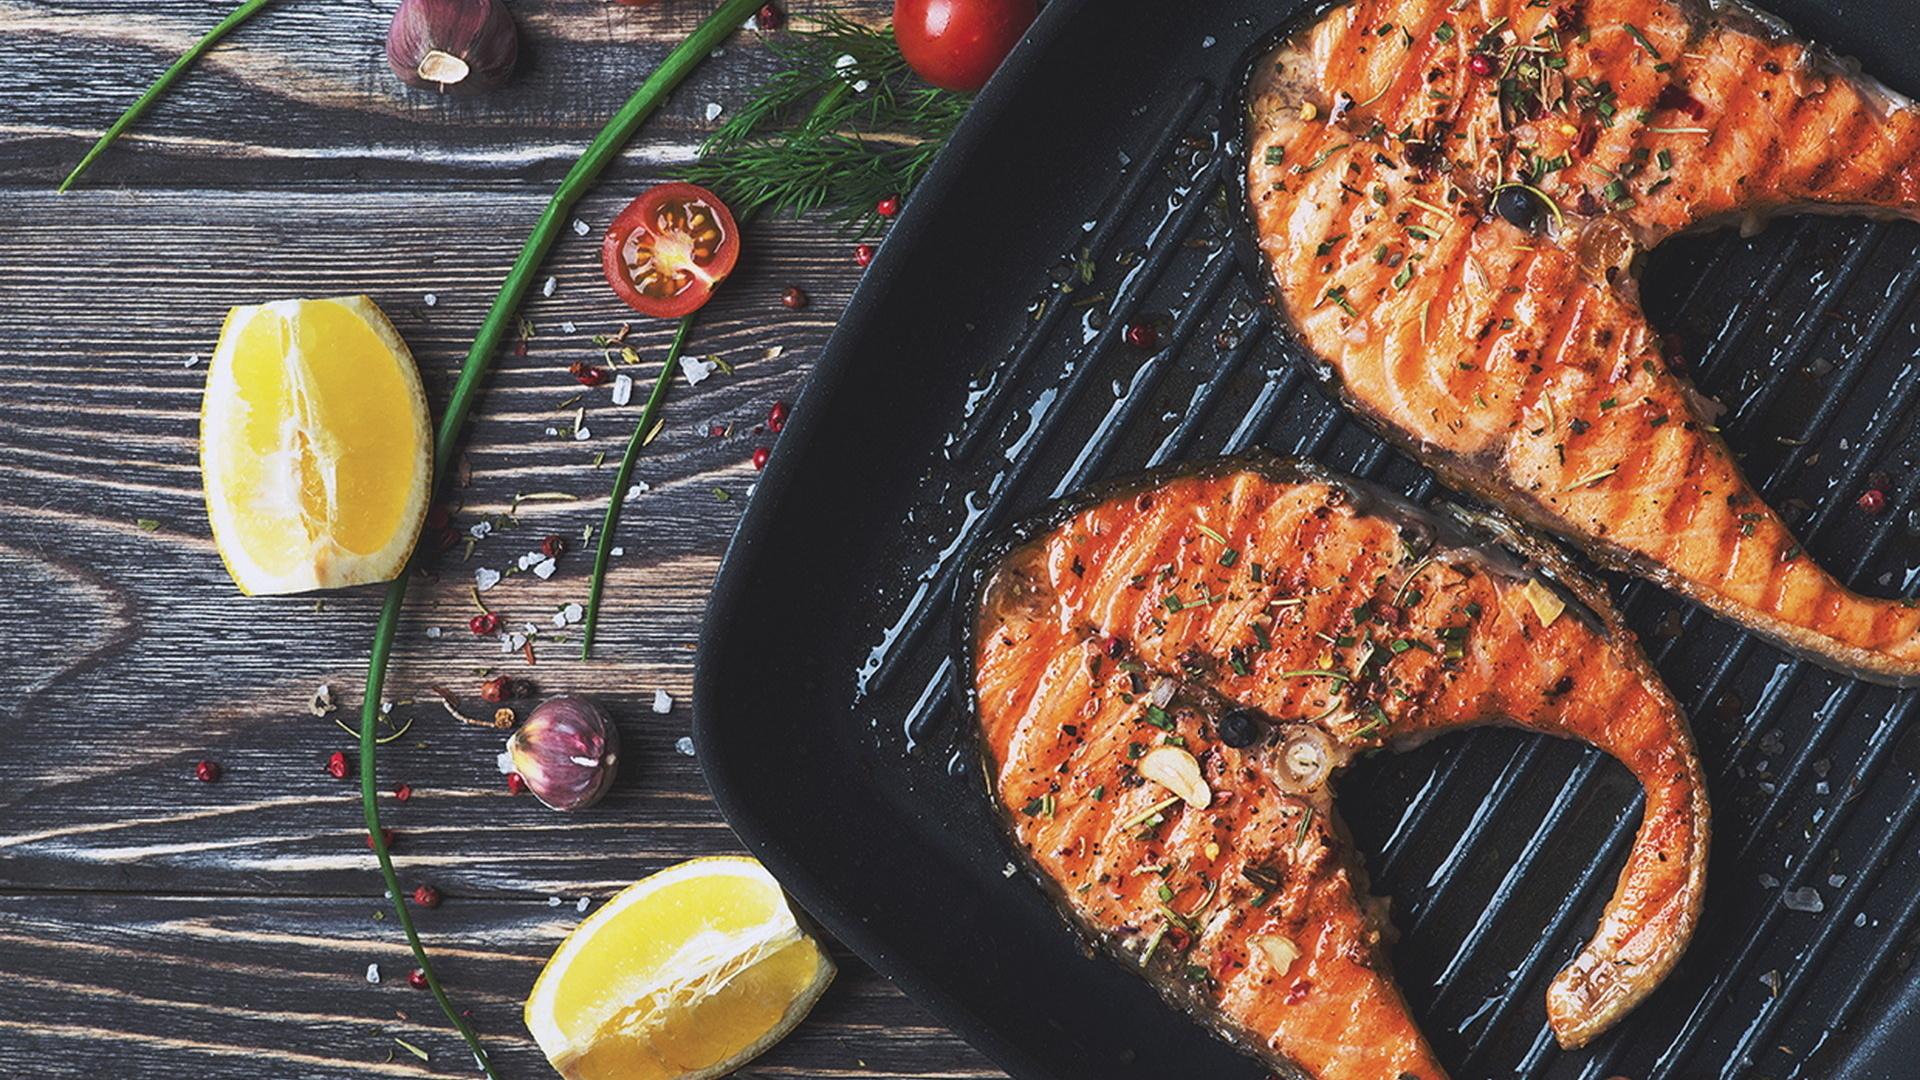 картинка рыбка на сковороде вот парабенов